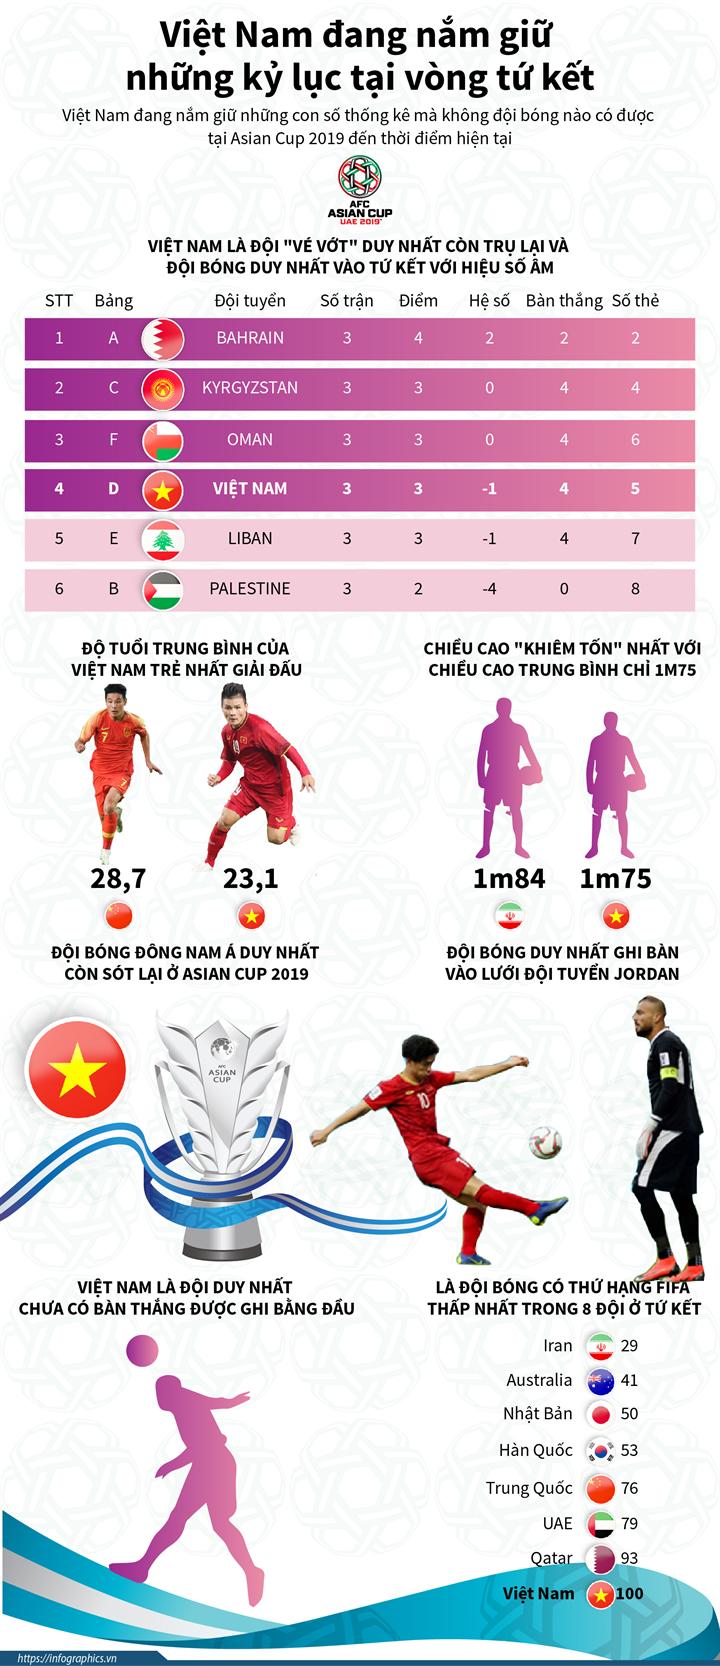 Việt Nam đang nắm giữ nhiều kỷ lục tại vòng tứ kết